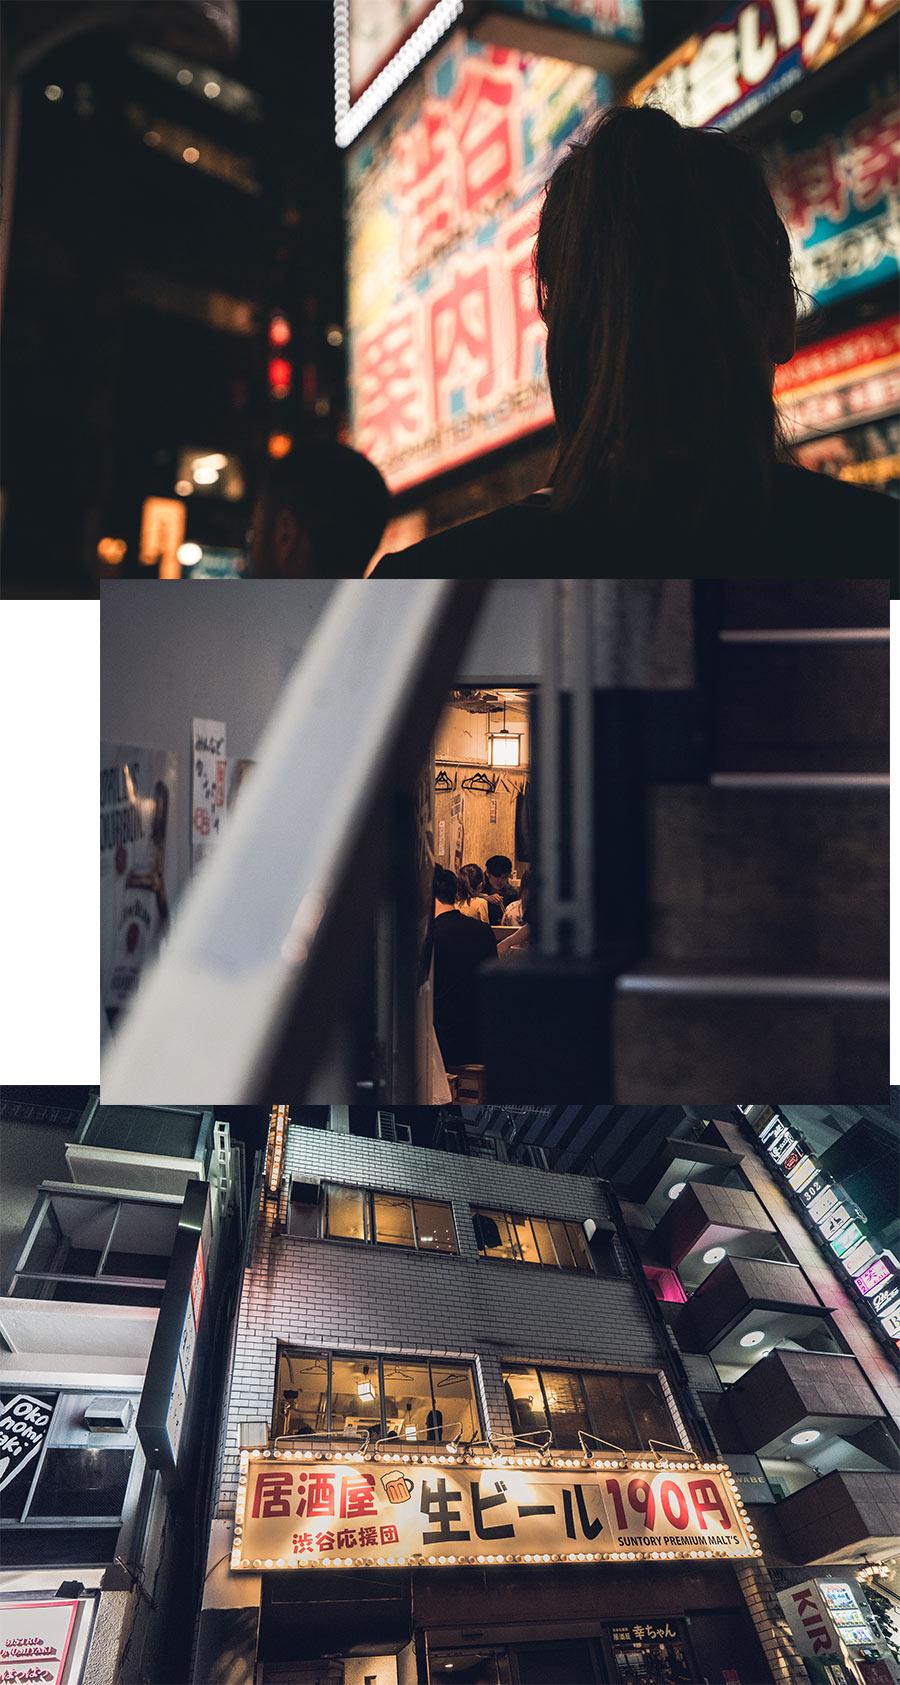 Soirée dans Shibuya, à Tokyo, par Côté Hublot